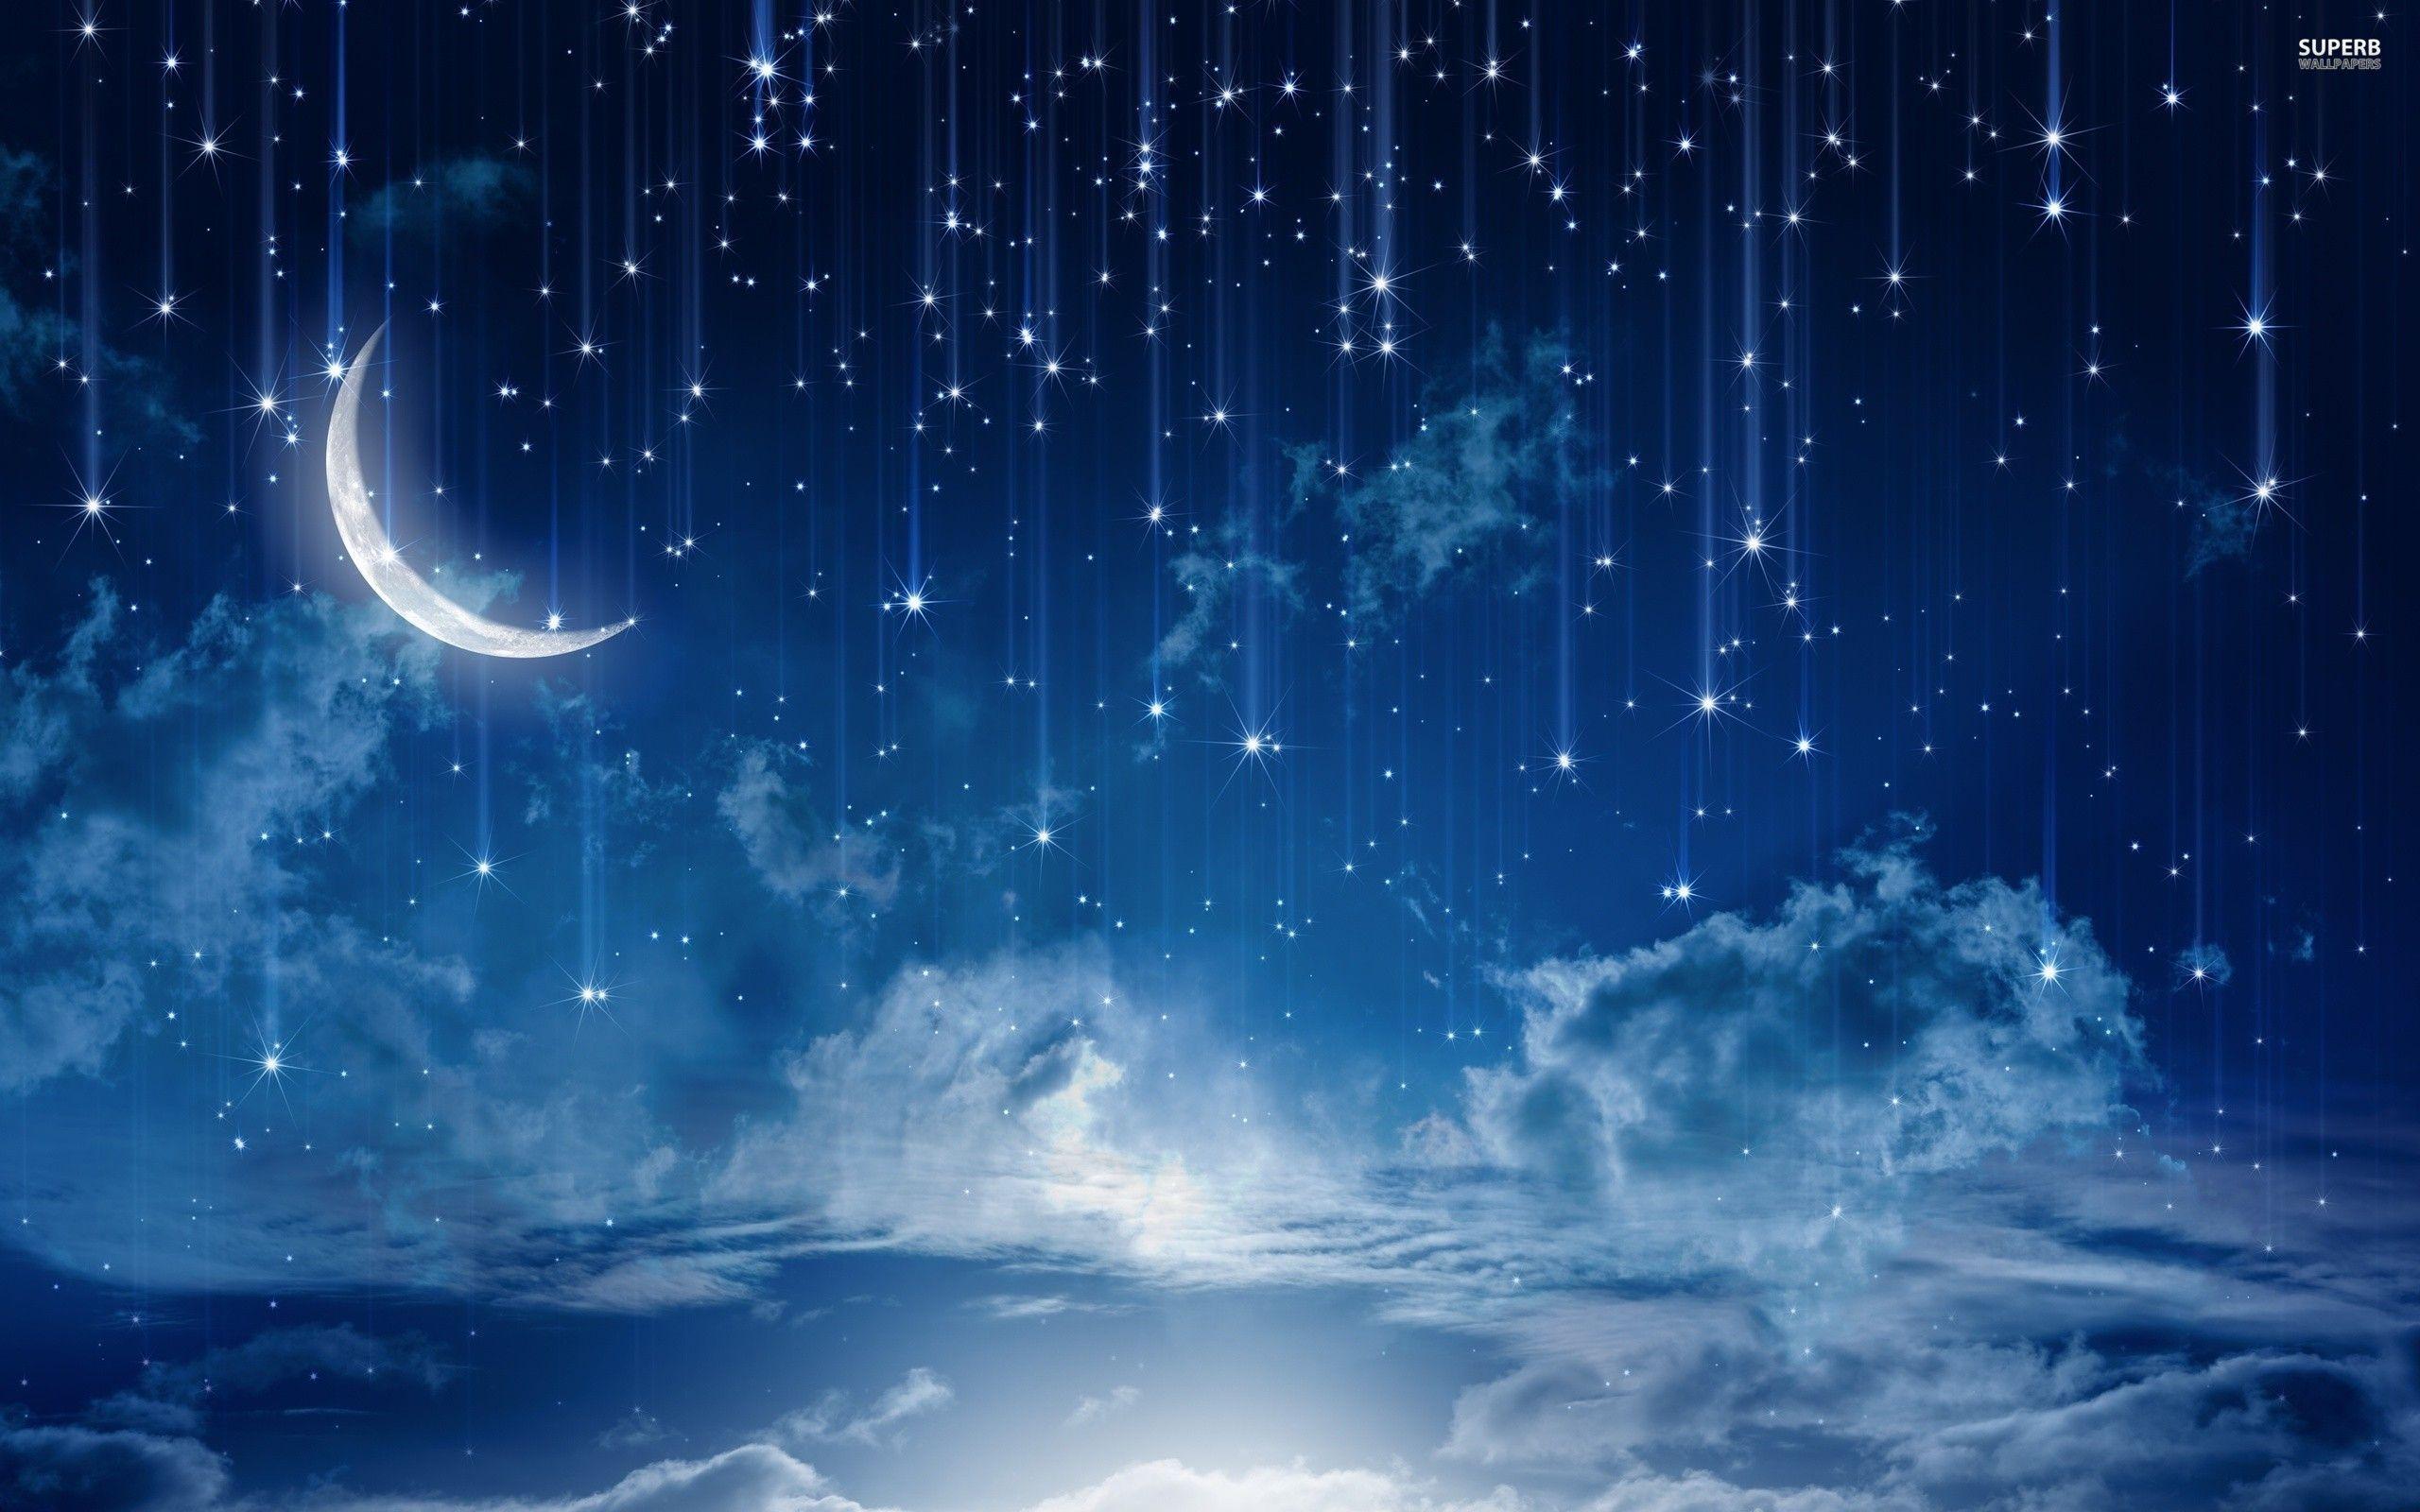 night-sky-wide-wallpaper 2,560×1,600 pixels | luz de la luna